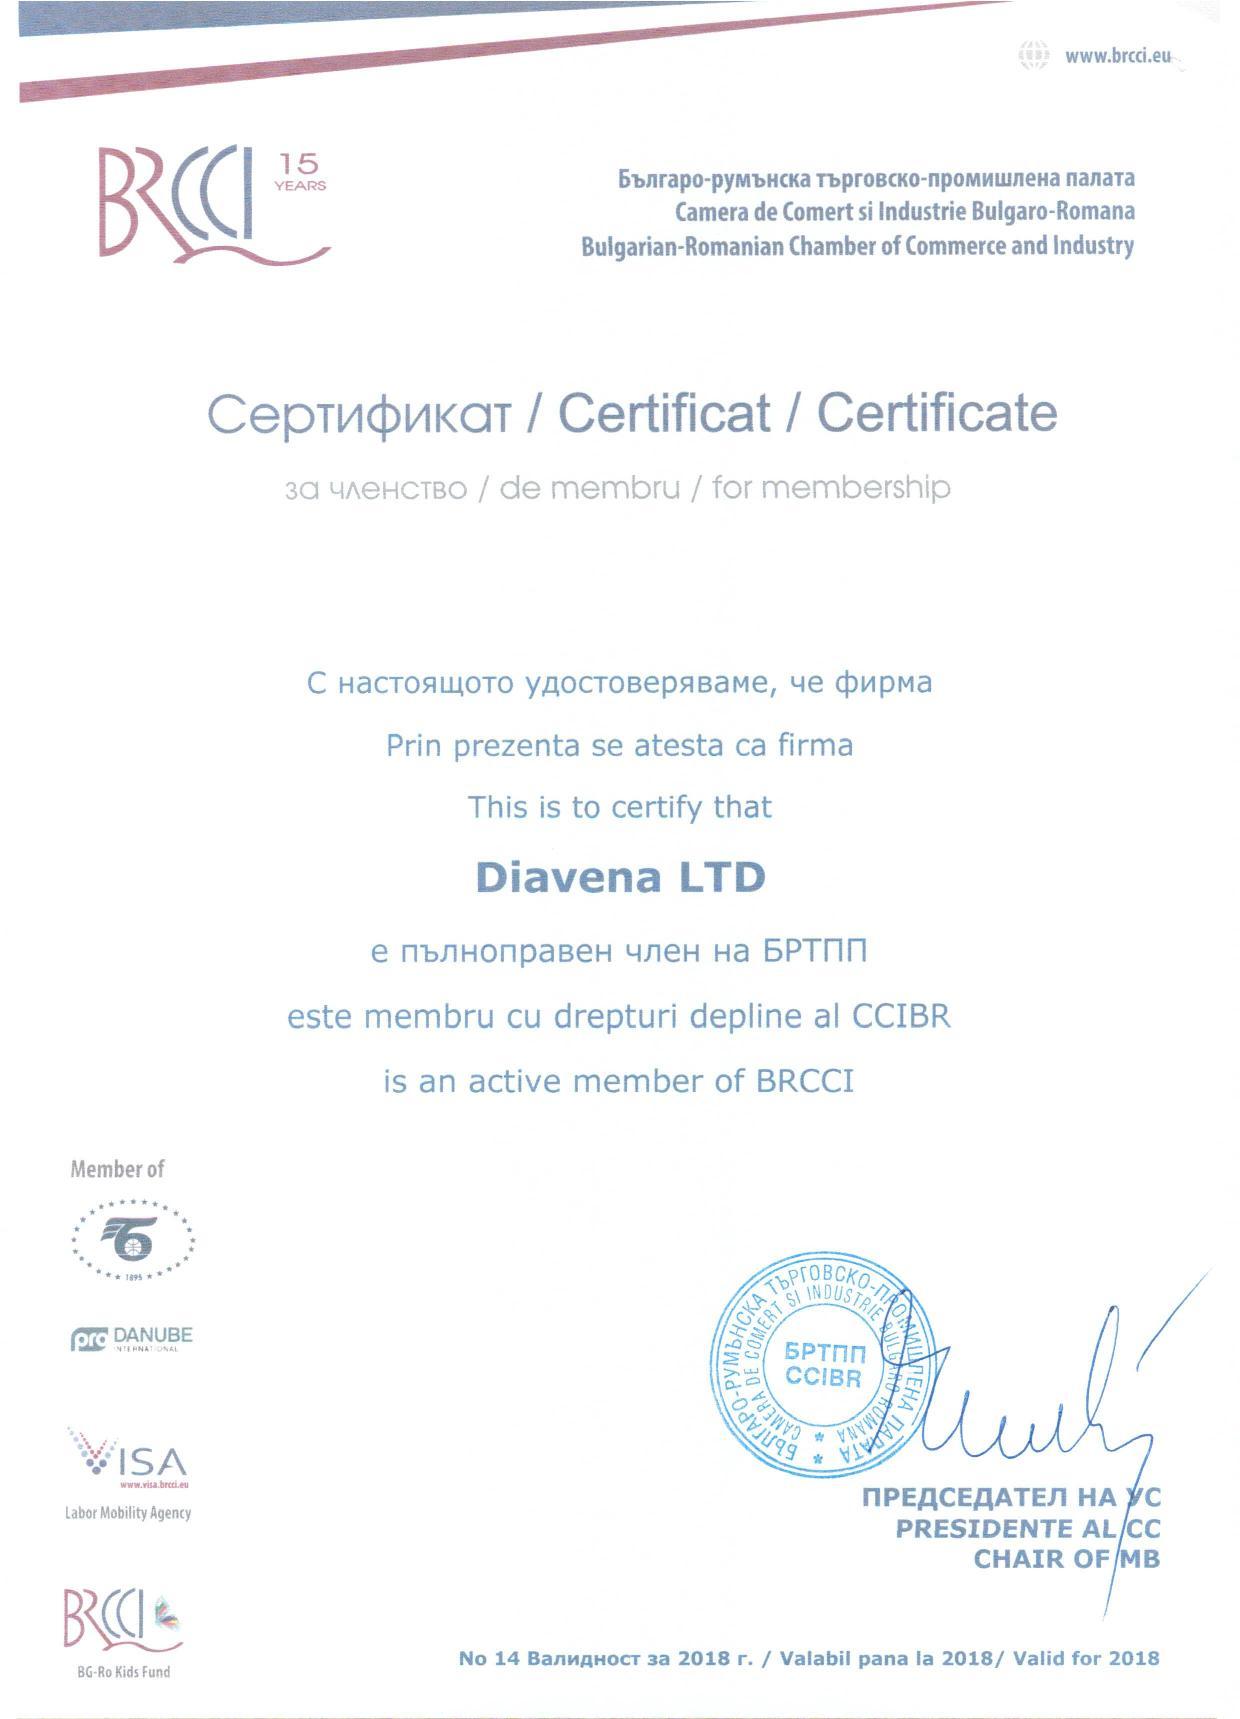 Πιστοποιητικό συμμετοχής στο BΡΕΒΕ (Βουλγαρικό-Ρουμανικό Εμπορικό και Βιομηχανικό Επιμελητήριο)